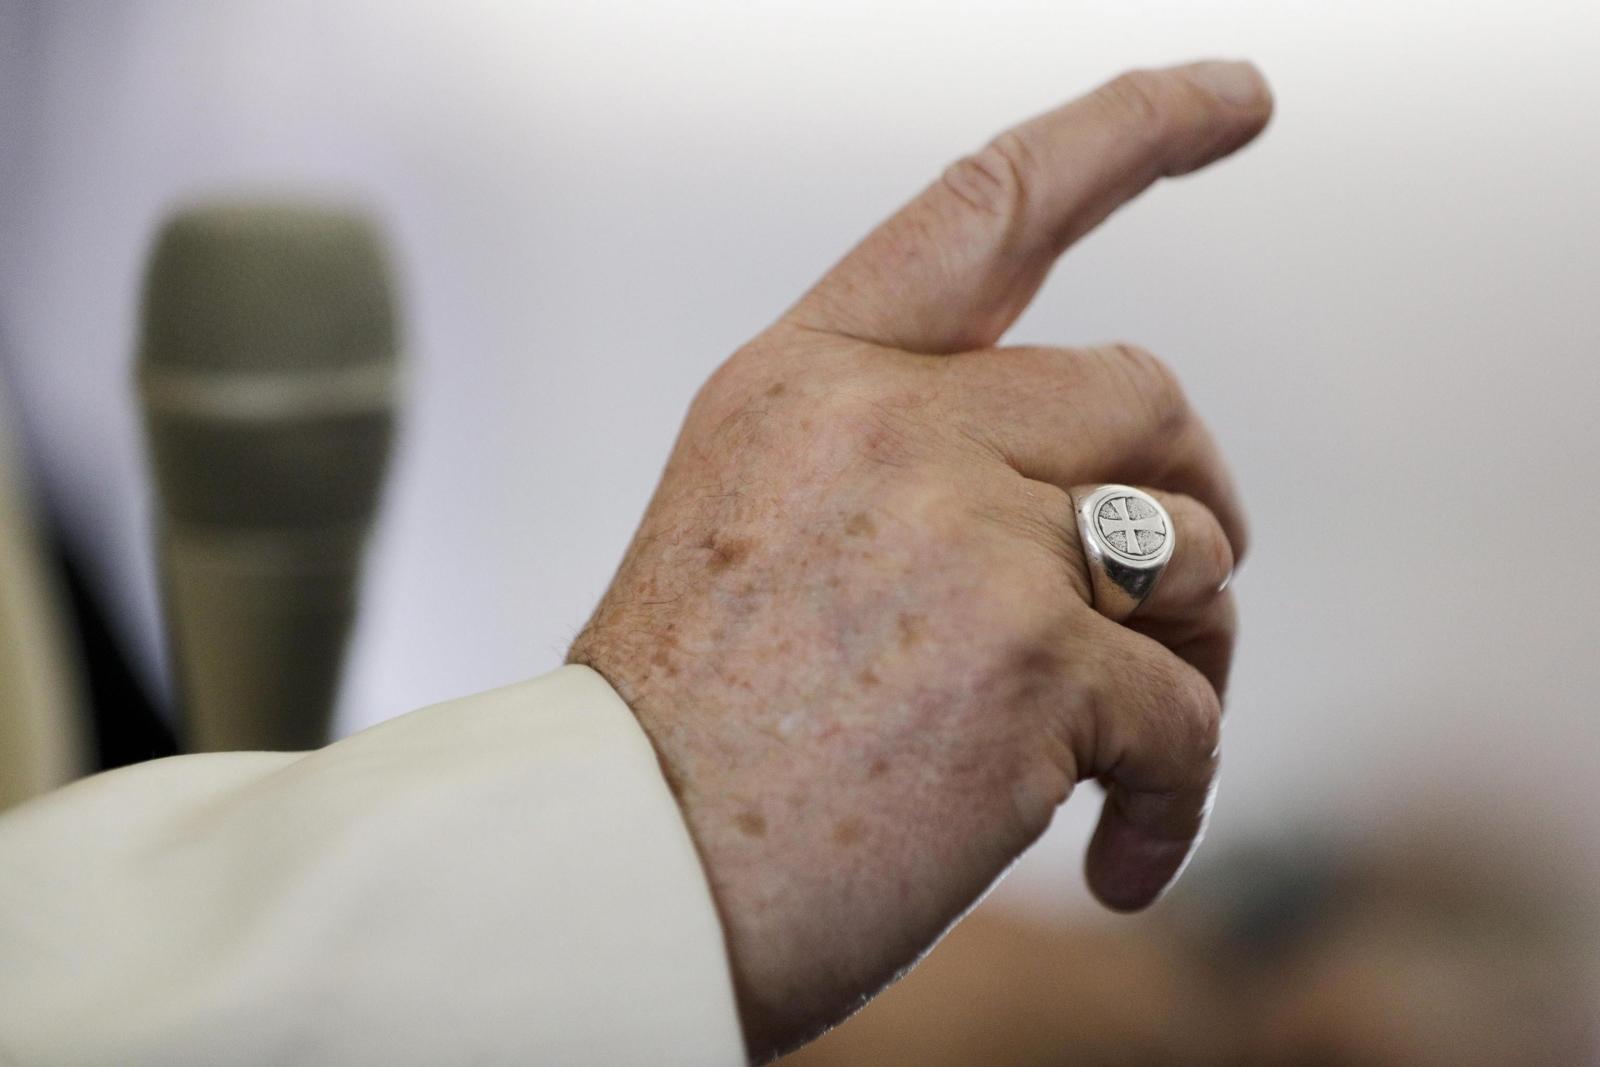 Papież Franciszek w samolocie w trakcie powrotu z Rumunii. Fot. PAP/EPA/Andrew Medichini / POOL